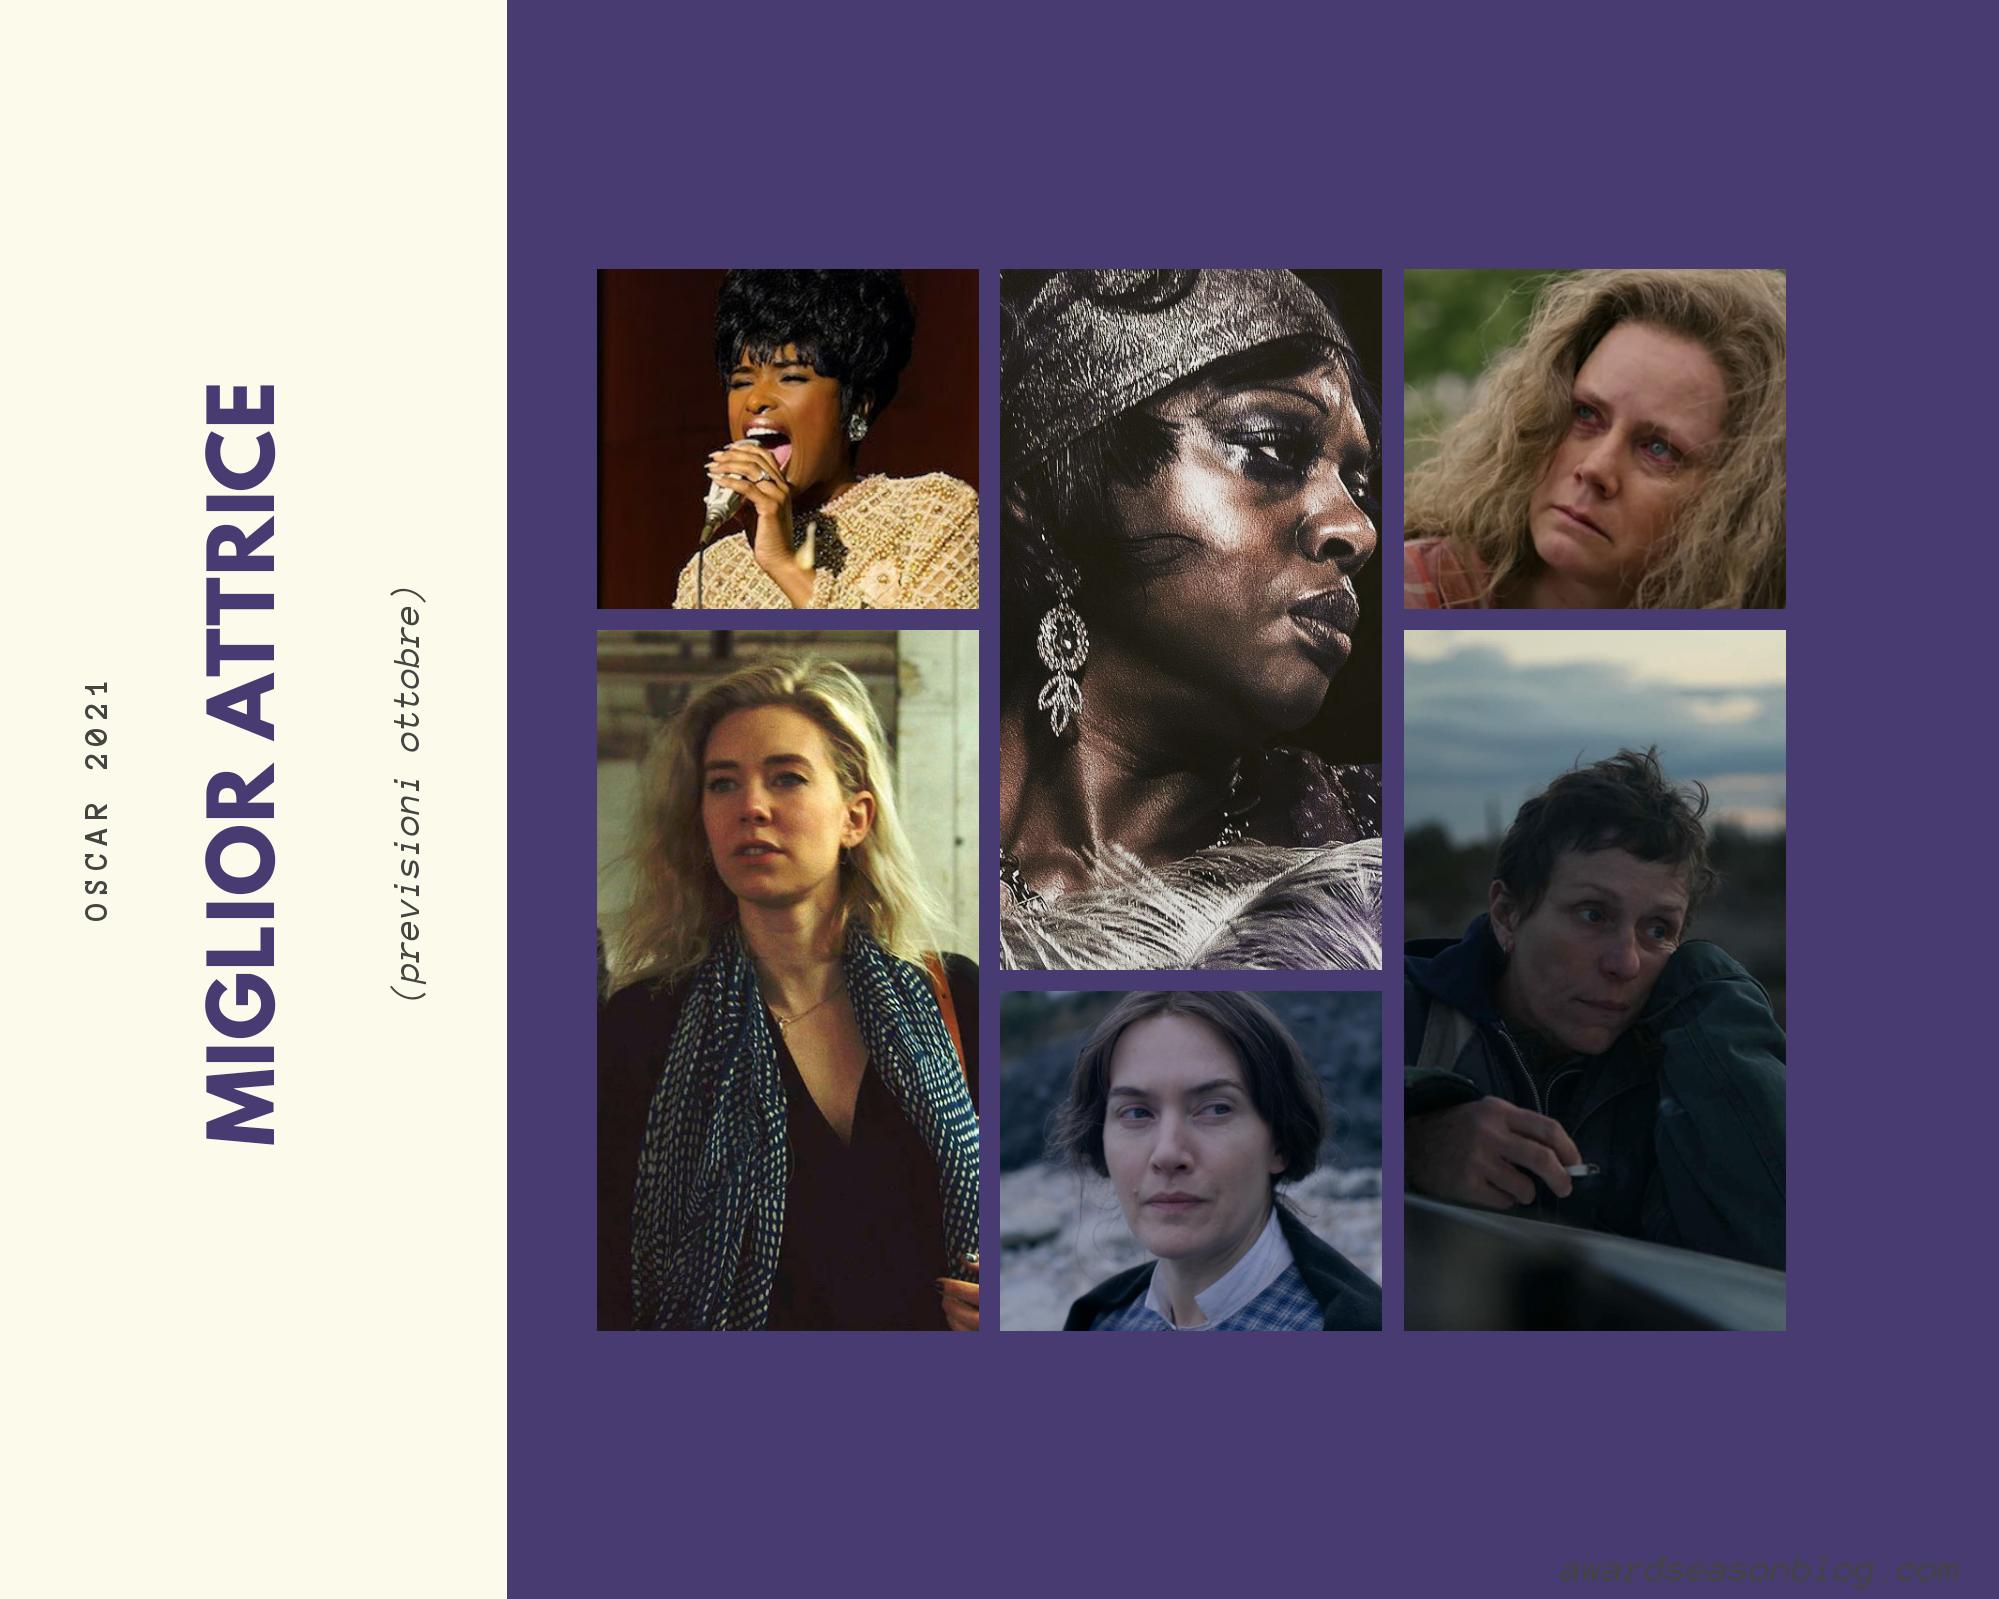 Previsini Oscar 2021 miglior attrice